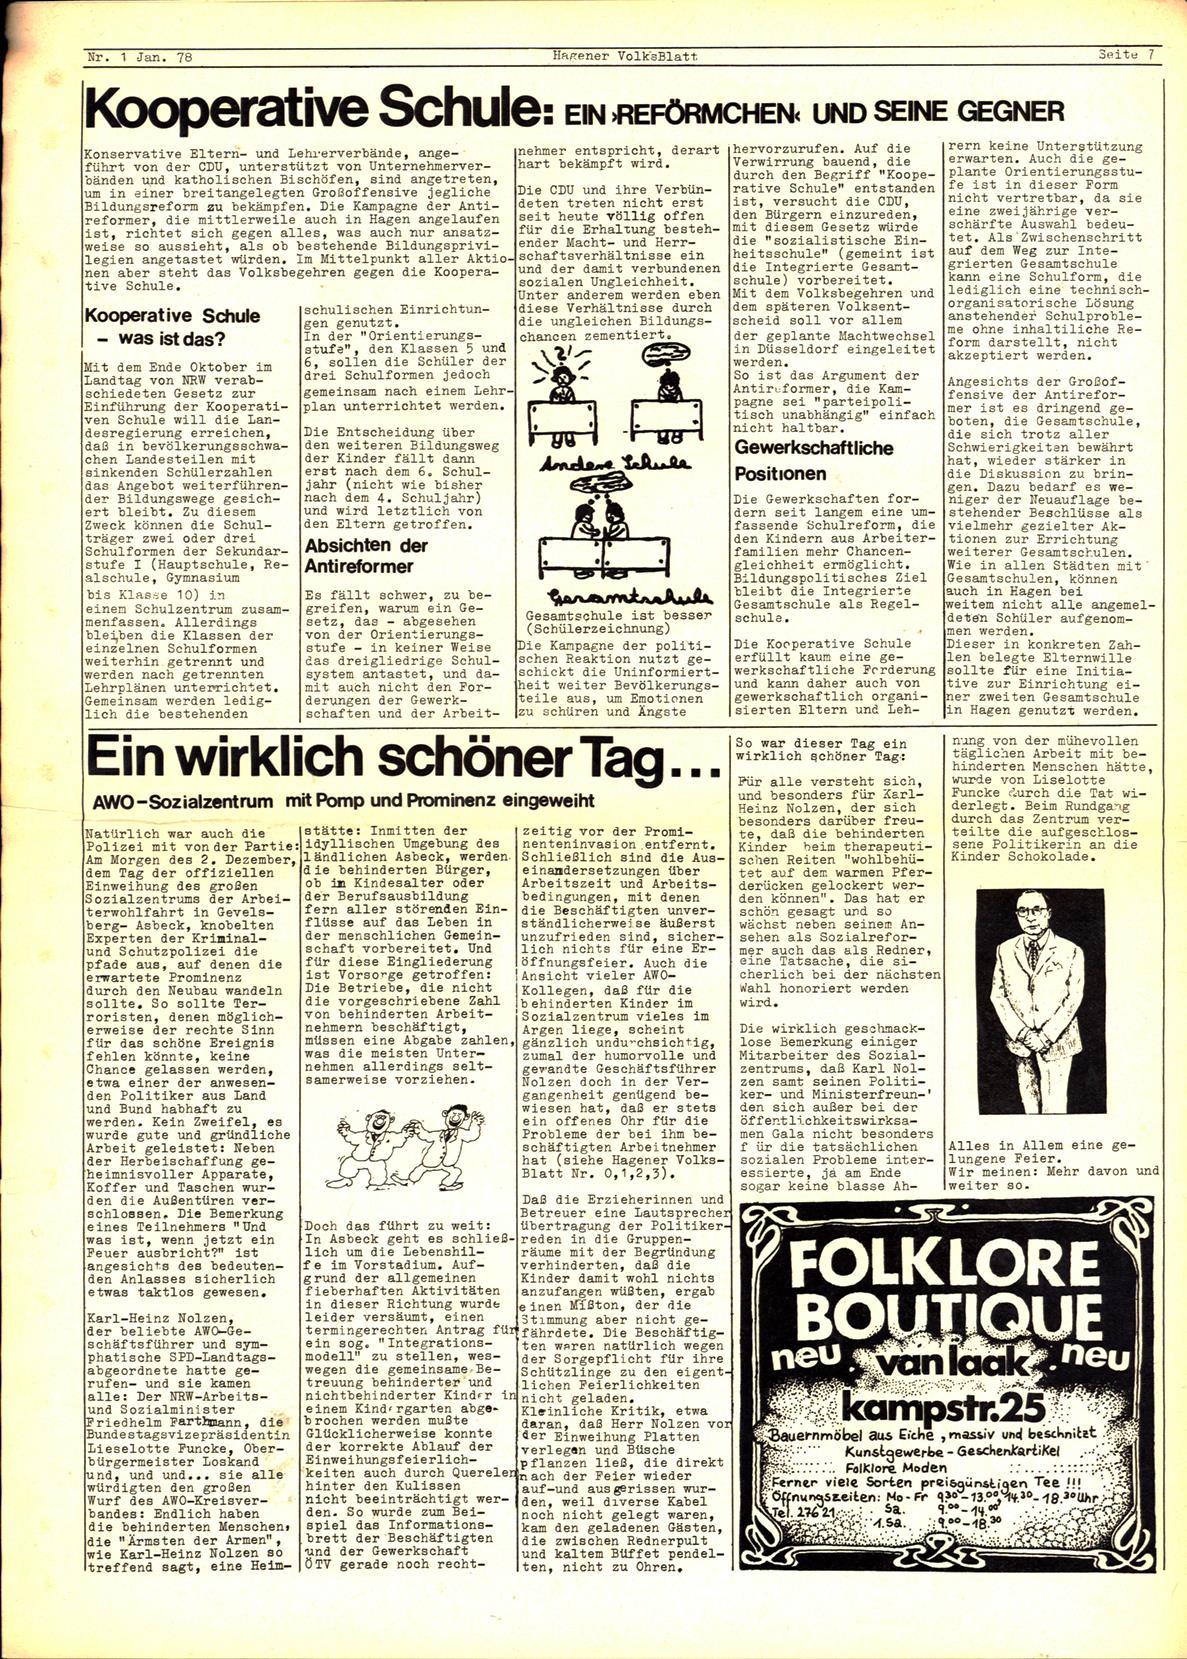 Hagen_Volksblatt_19780100_07